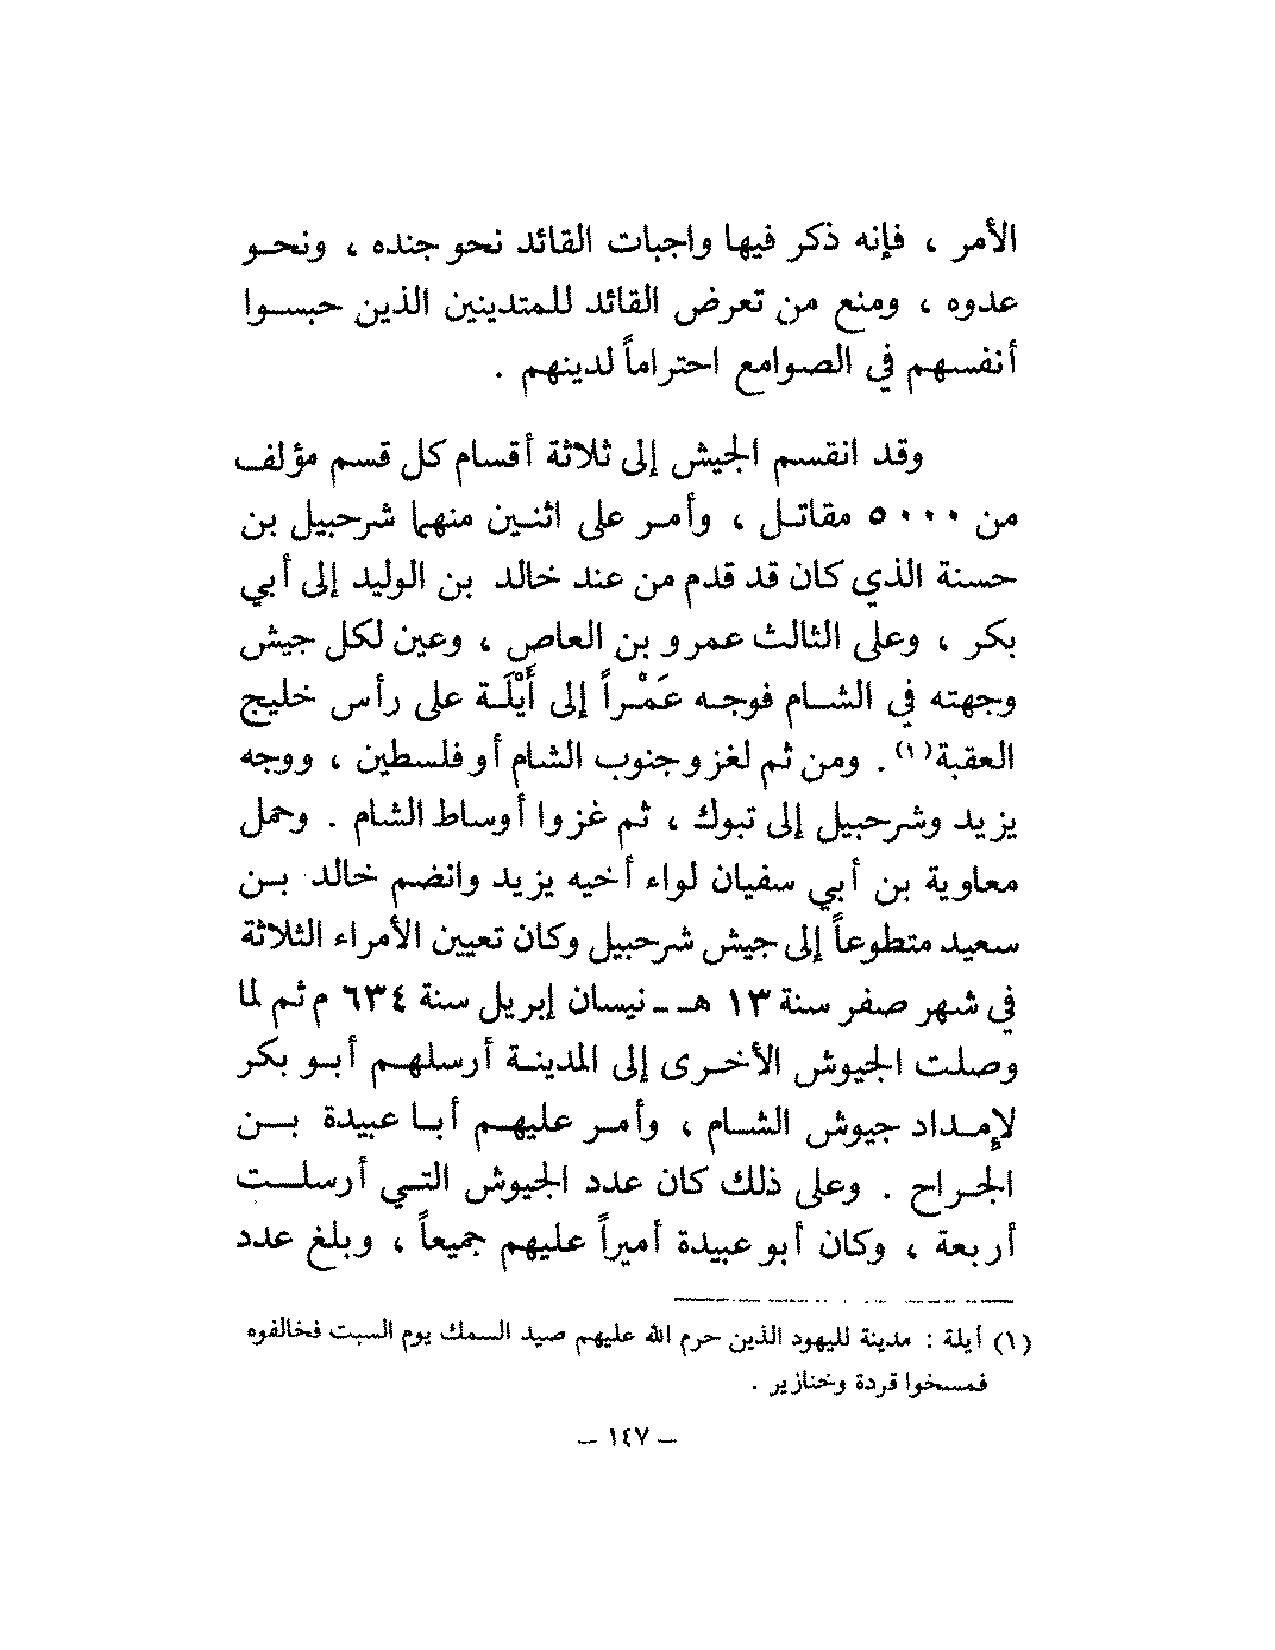 تحميل كتاب تاريخ الخلفاء الراشدين pdf ابا الخيل